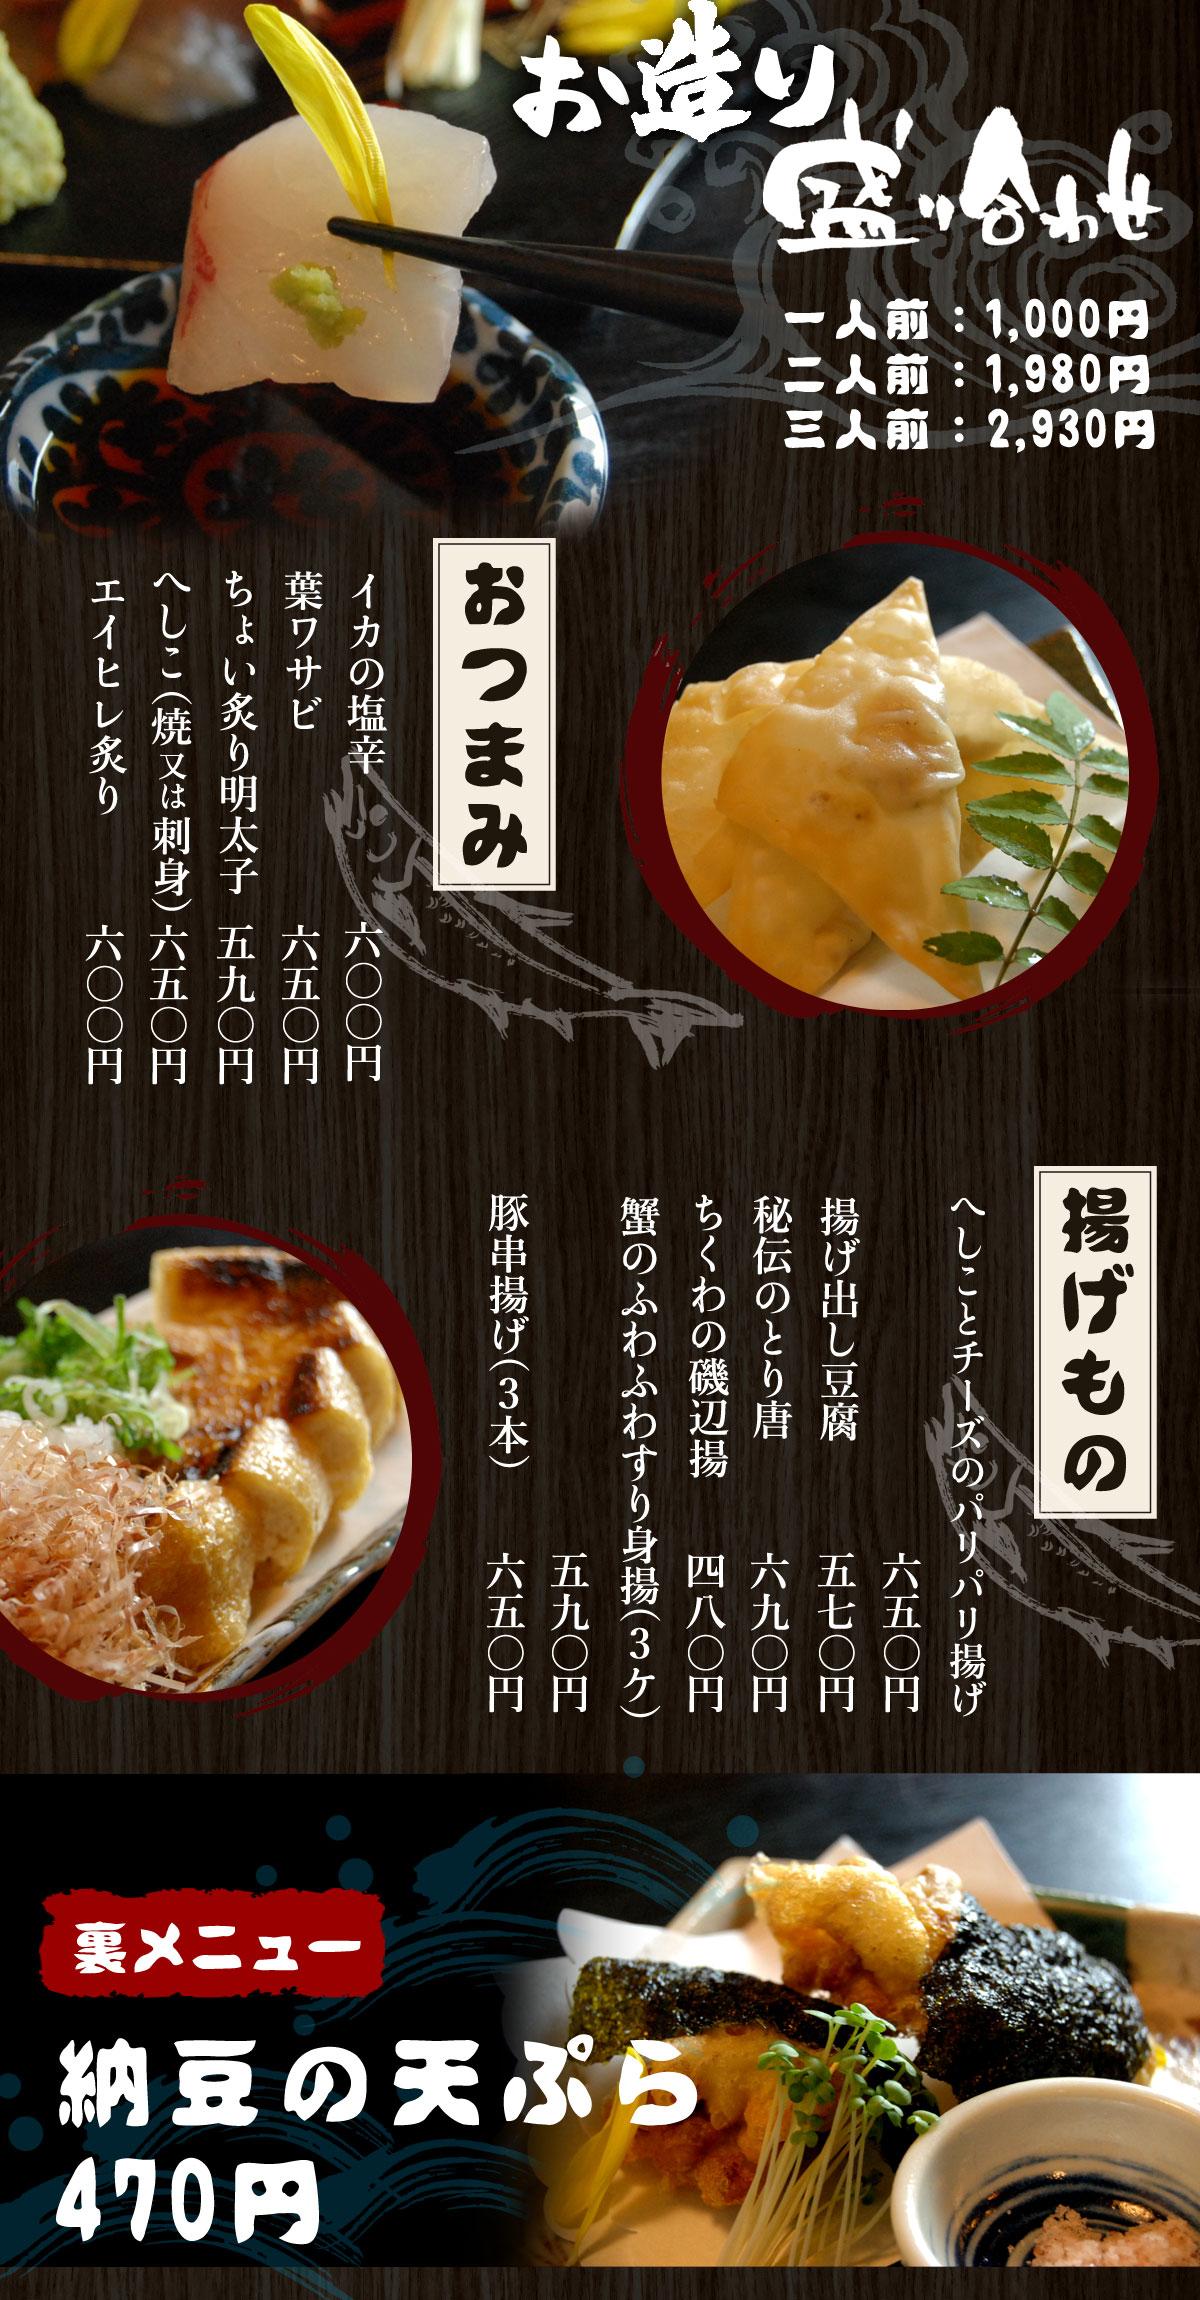 menu_2_5